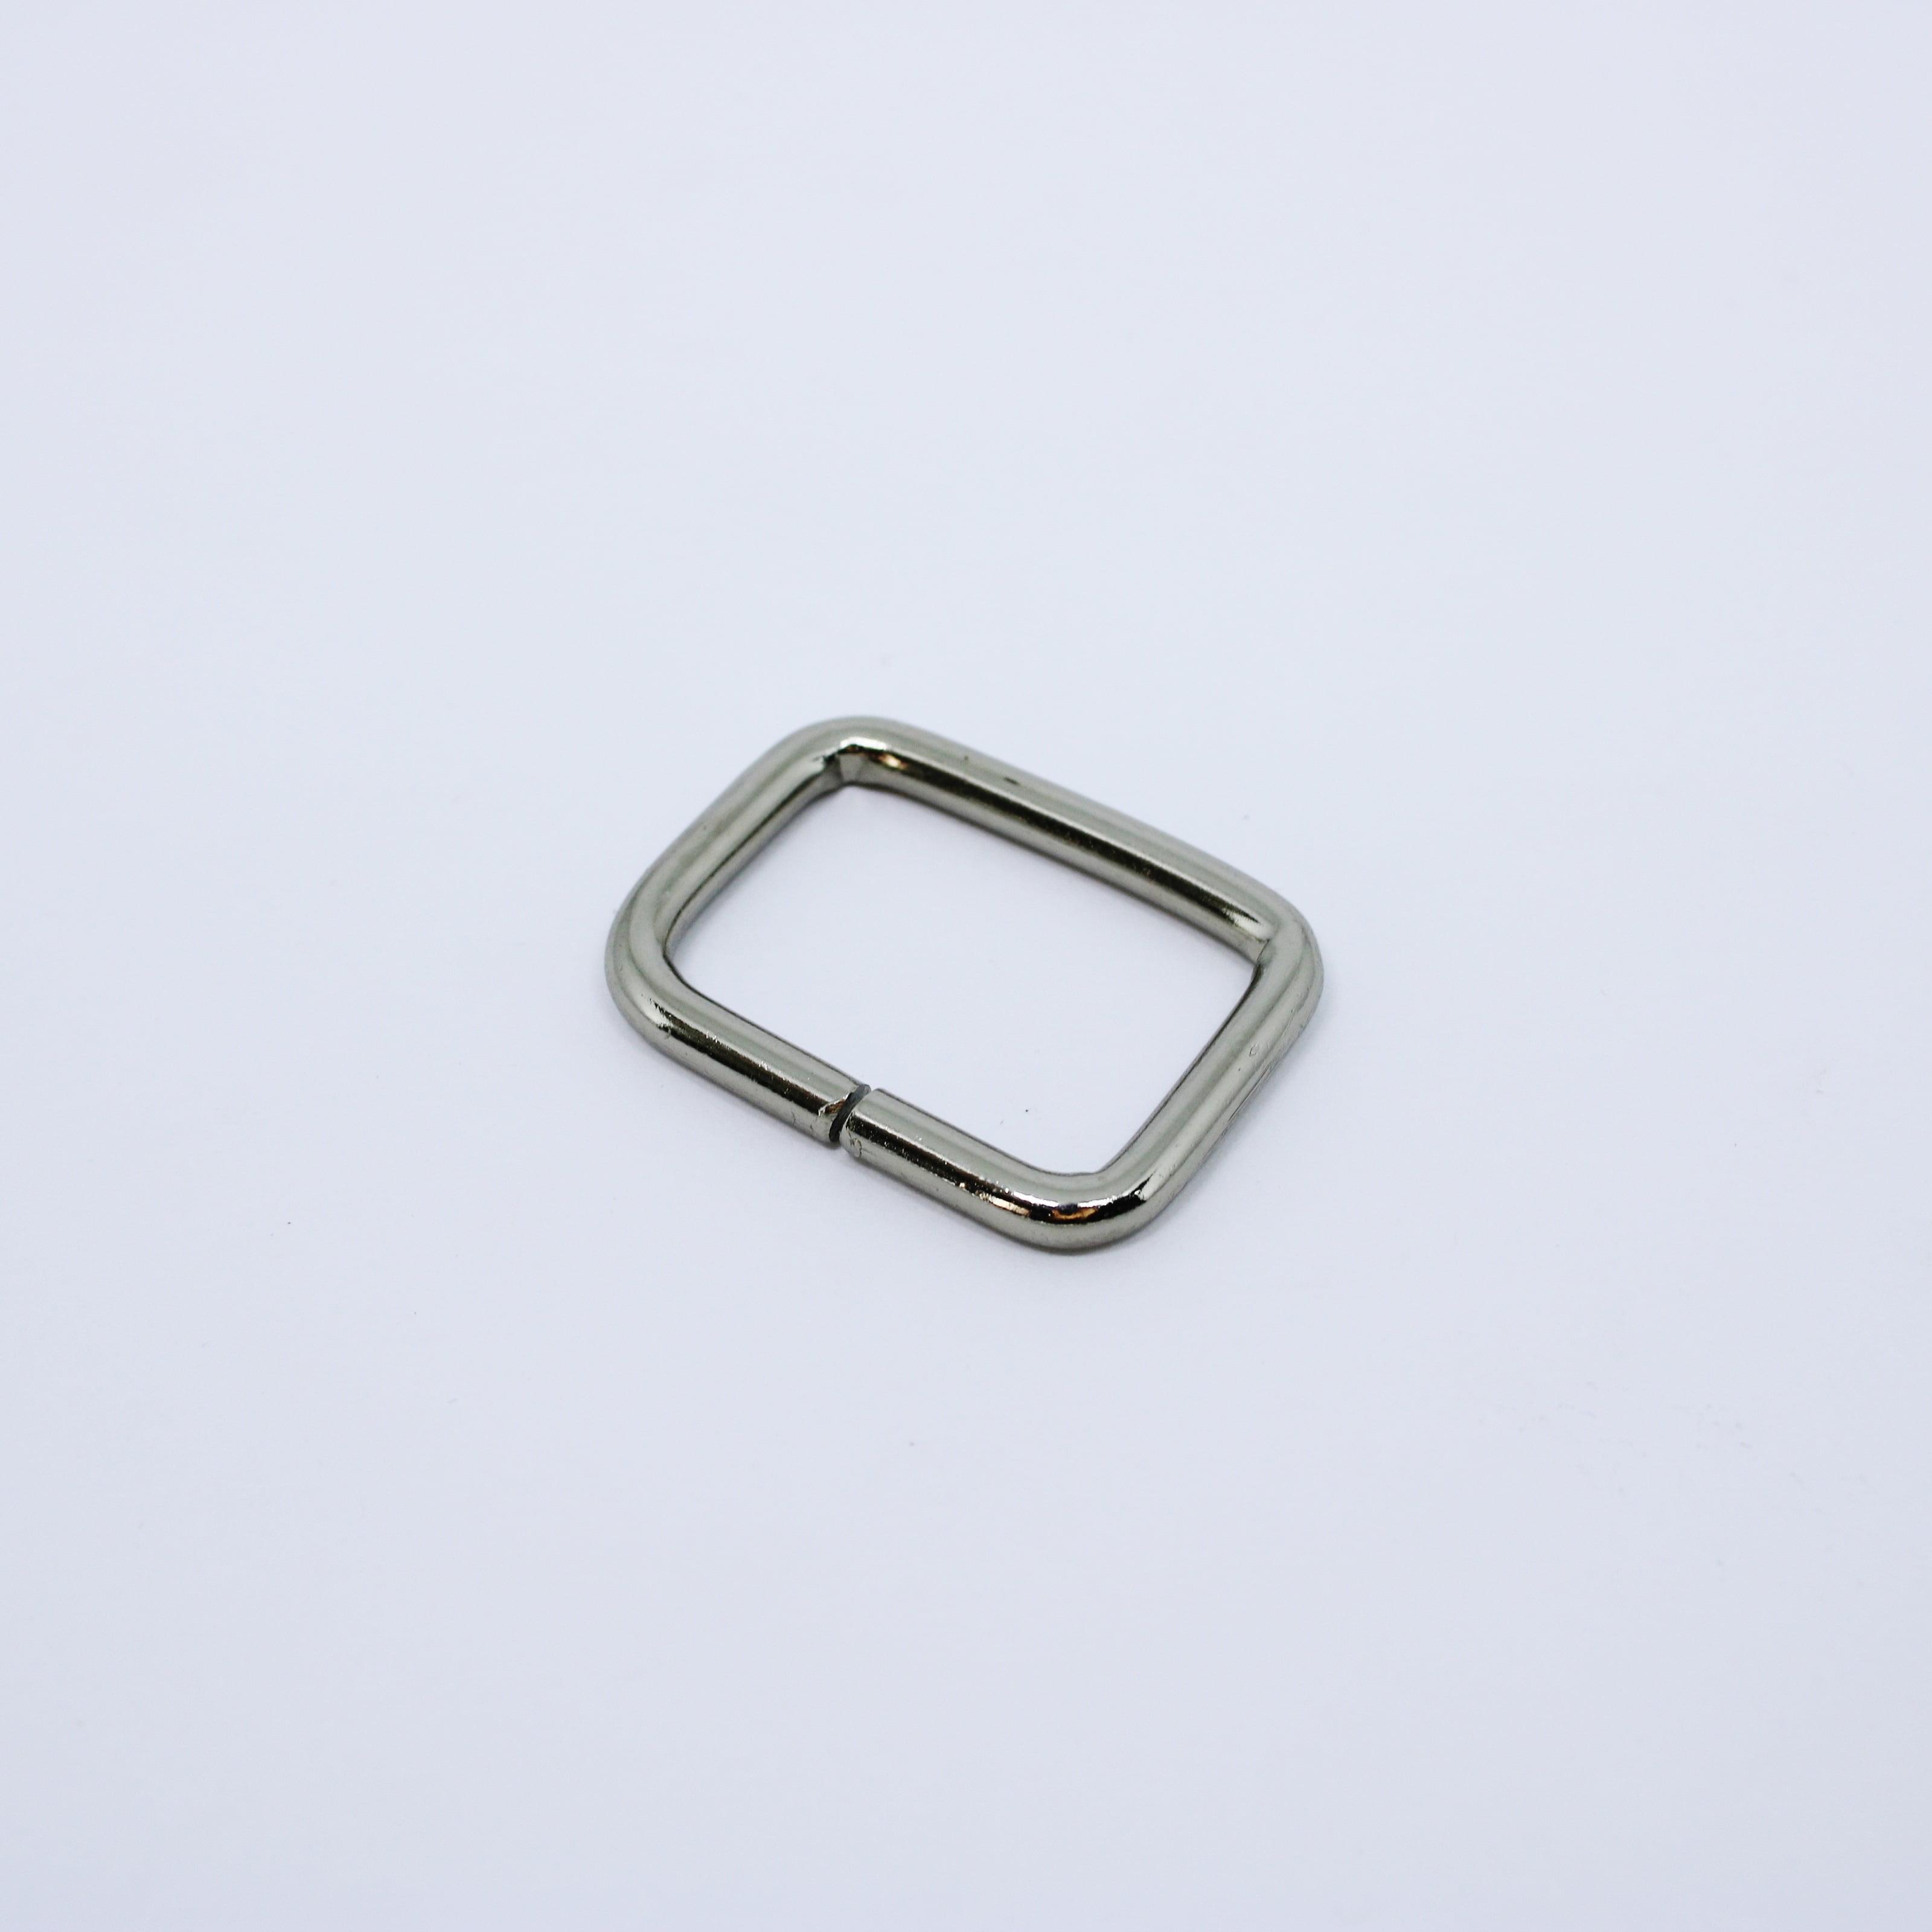 Passador Luxo Retangular 3cm Niquel com Verniz